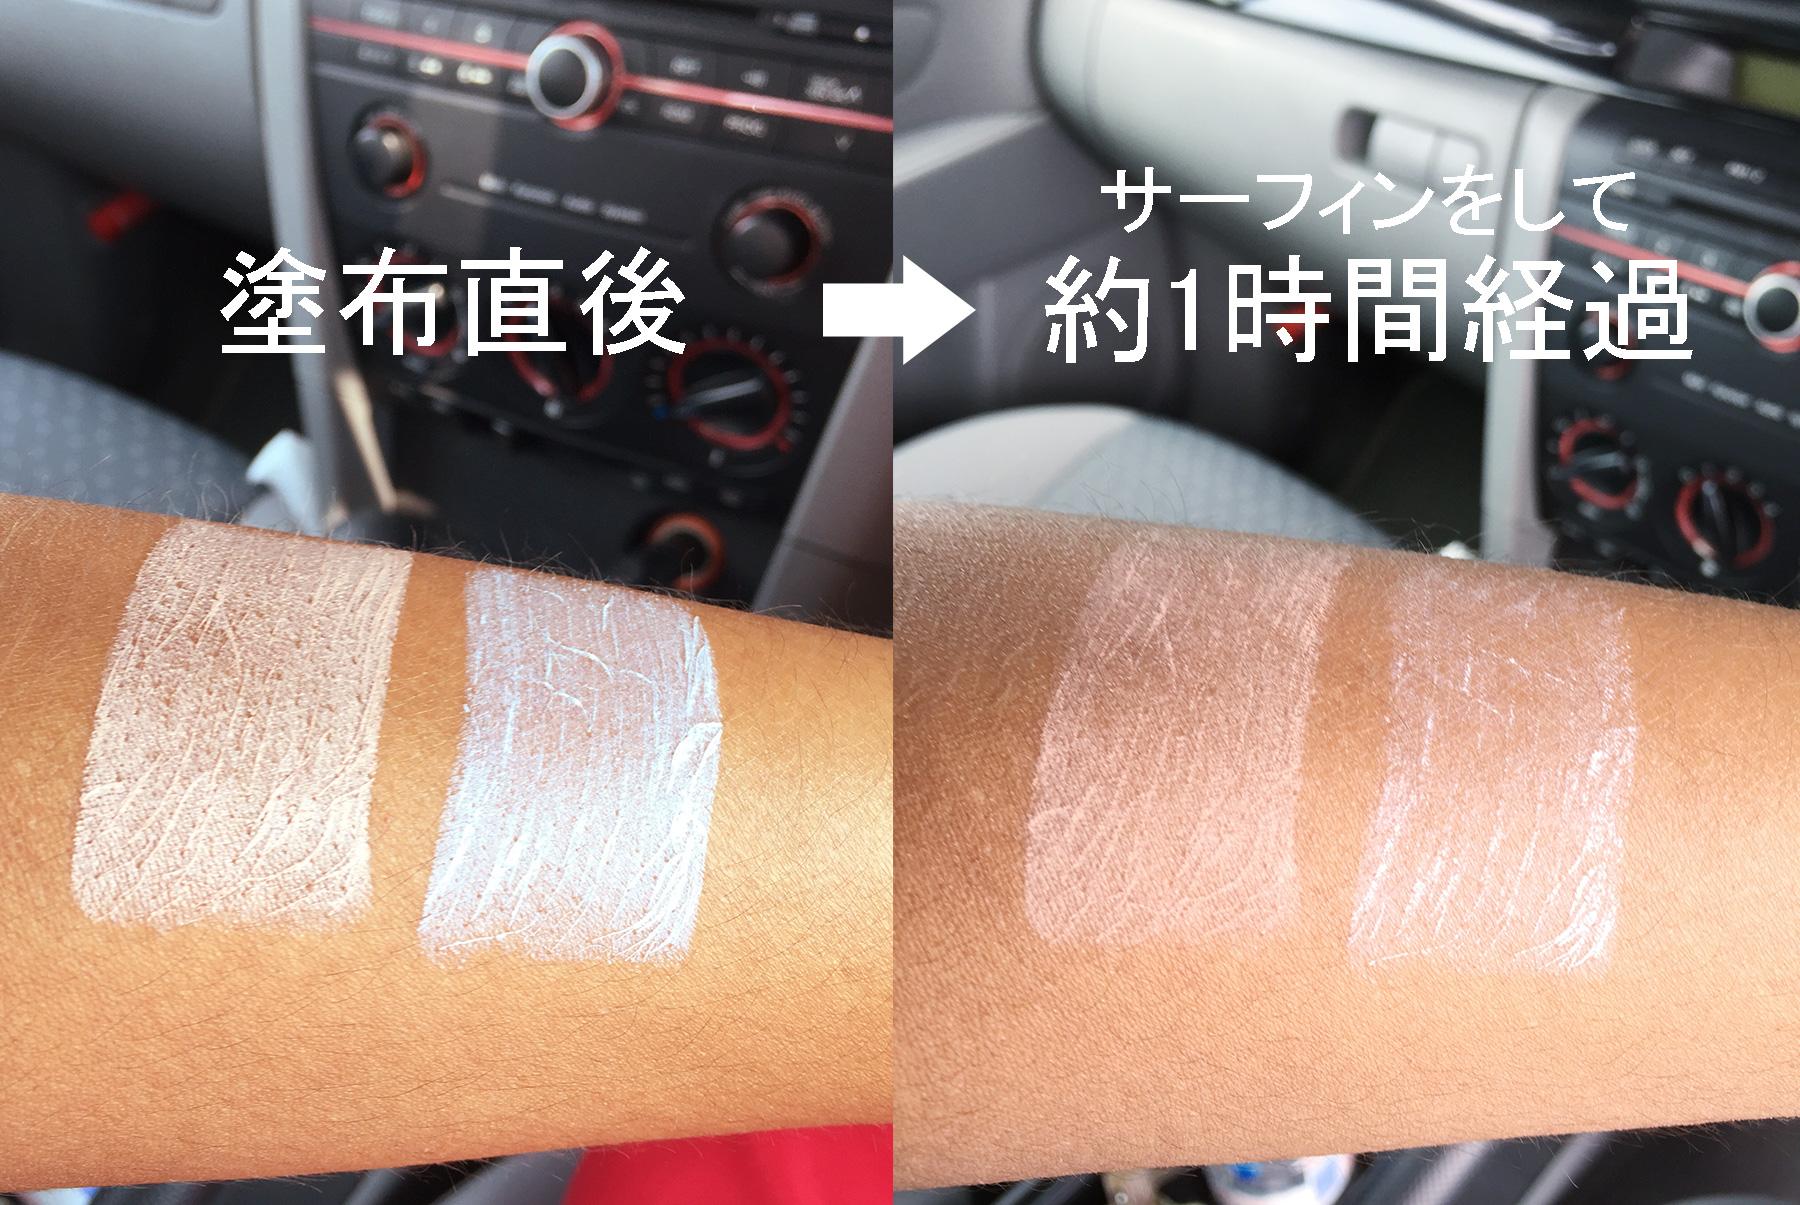 塗布直後と1時間後の比較